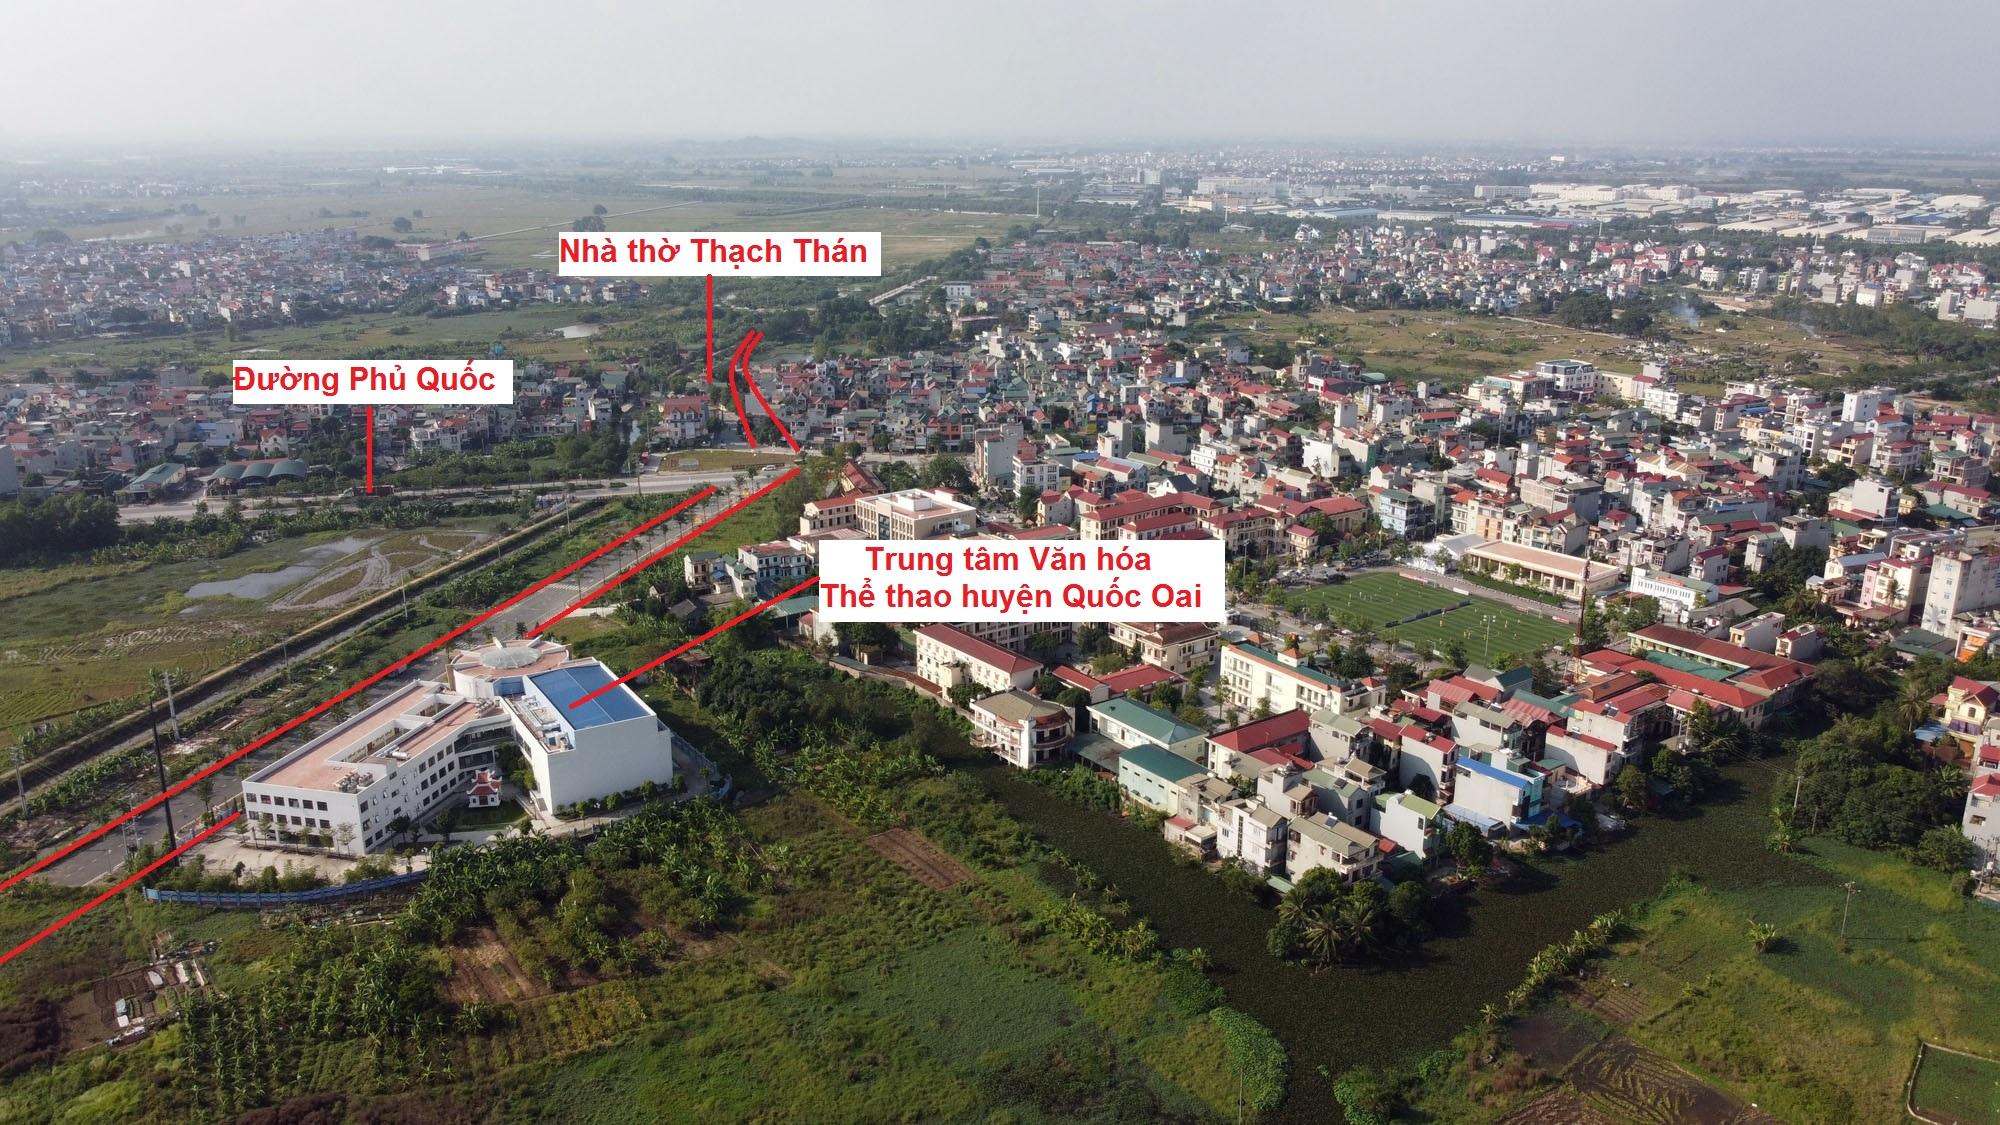 đường sẽ mở theo qui hoạch ở xã Thạch Thán, Quốc Oai, Hà Nội - Ảnh 6.